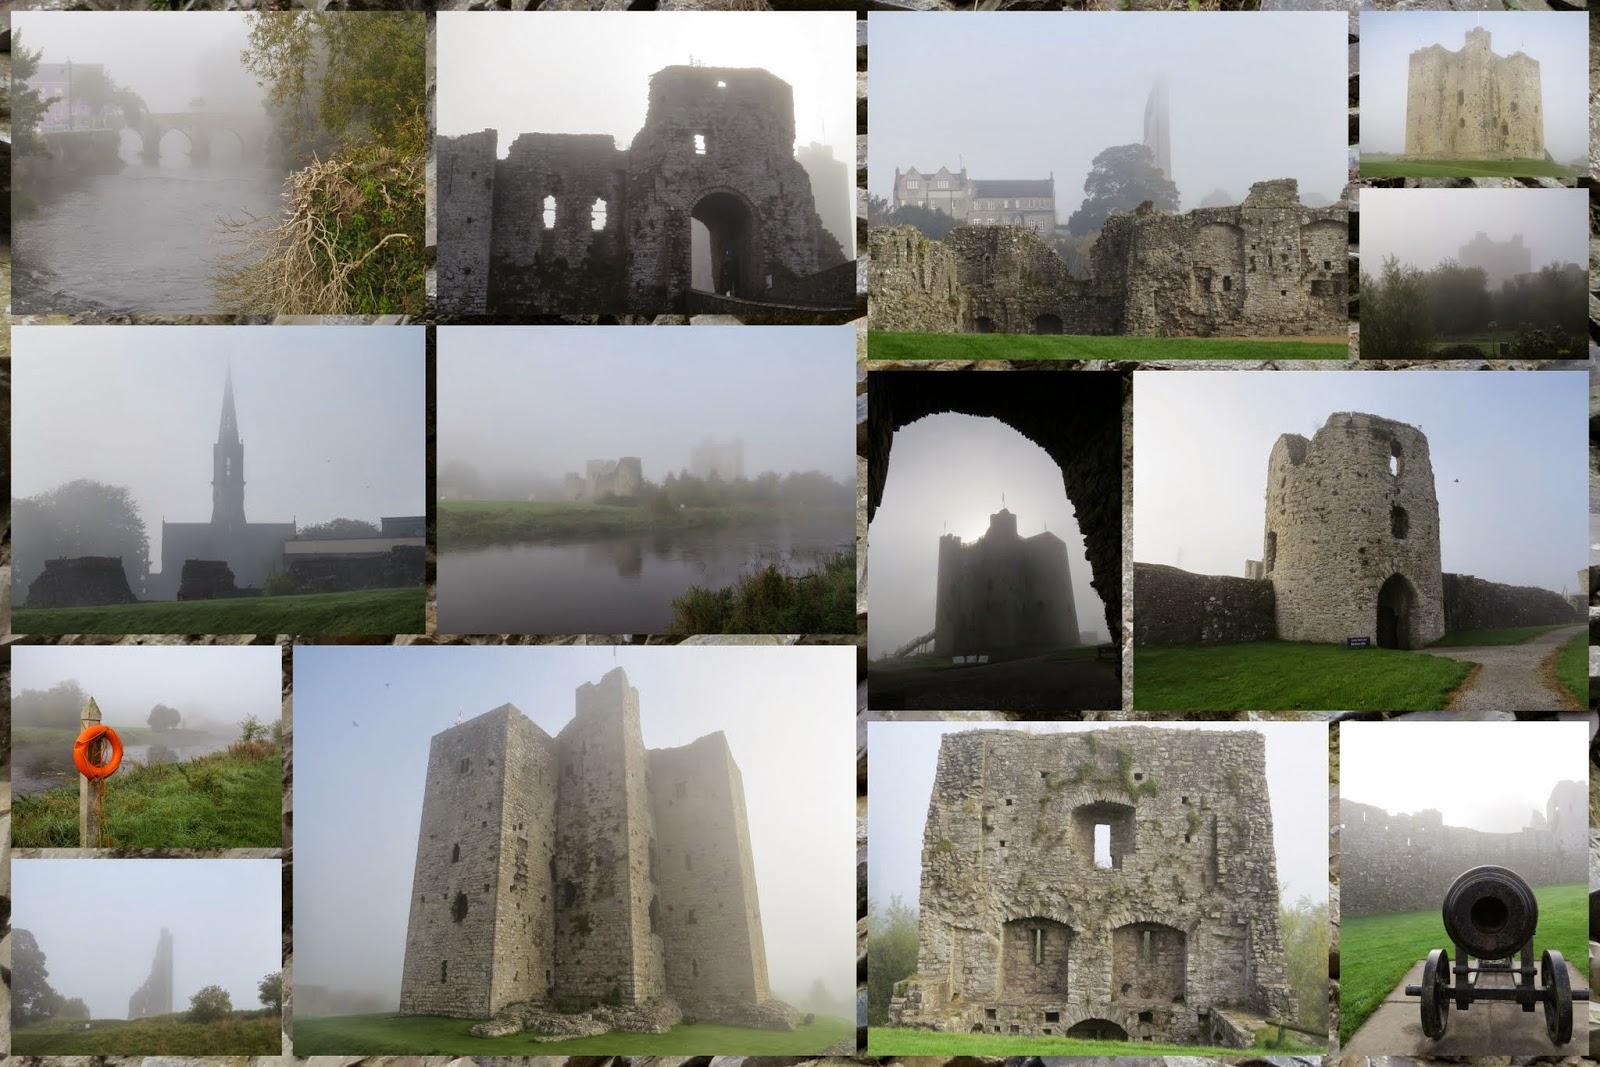 Ireland - Trim Castle in Fog